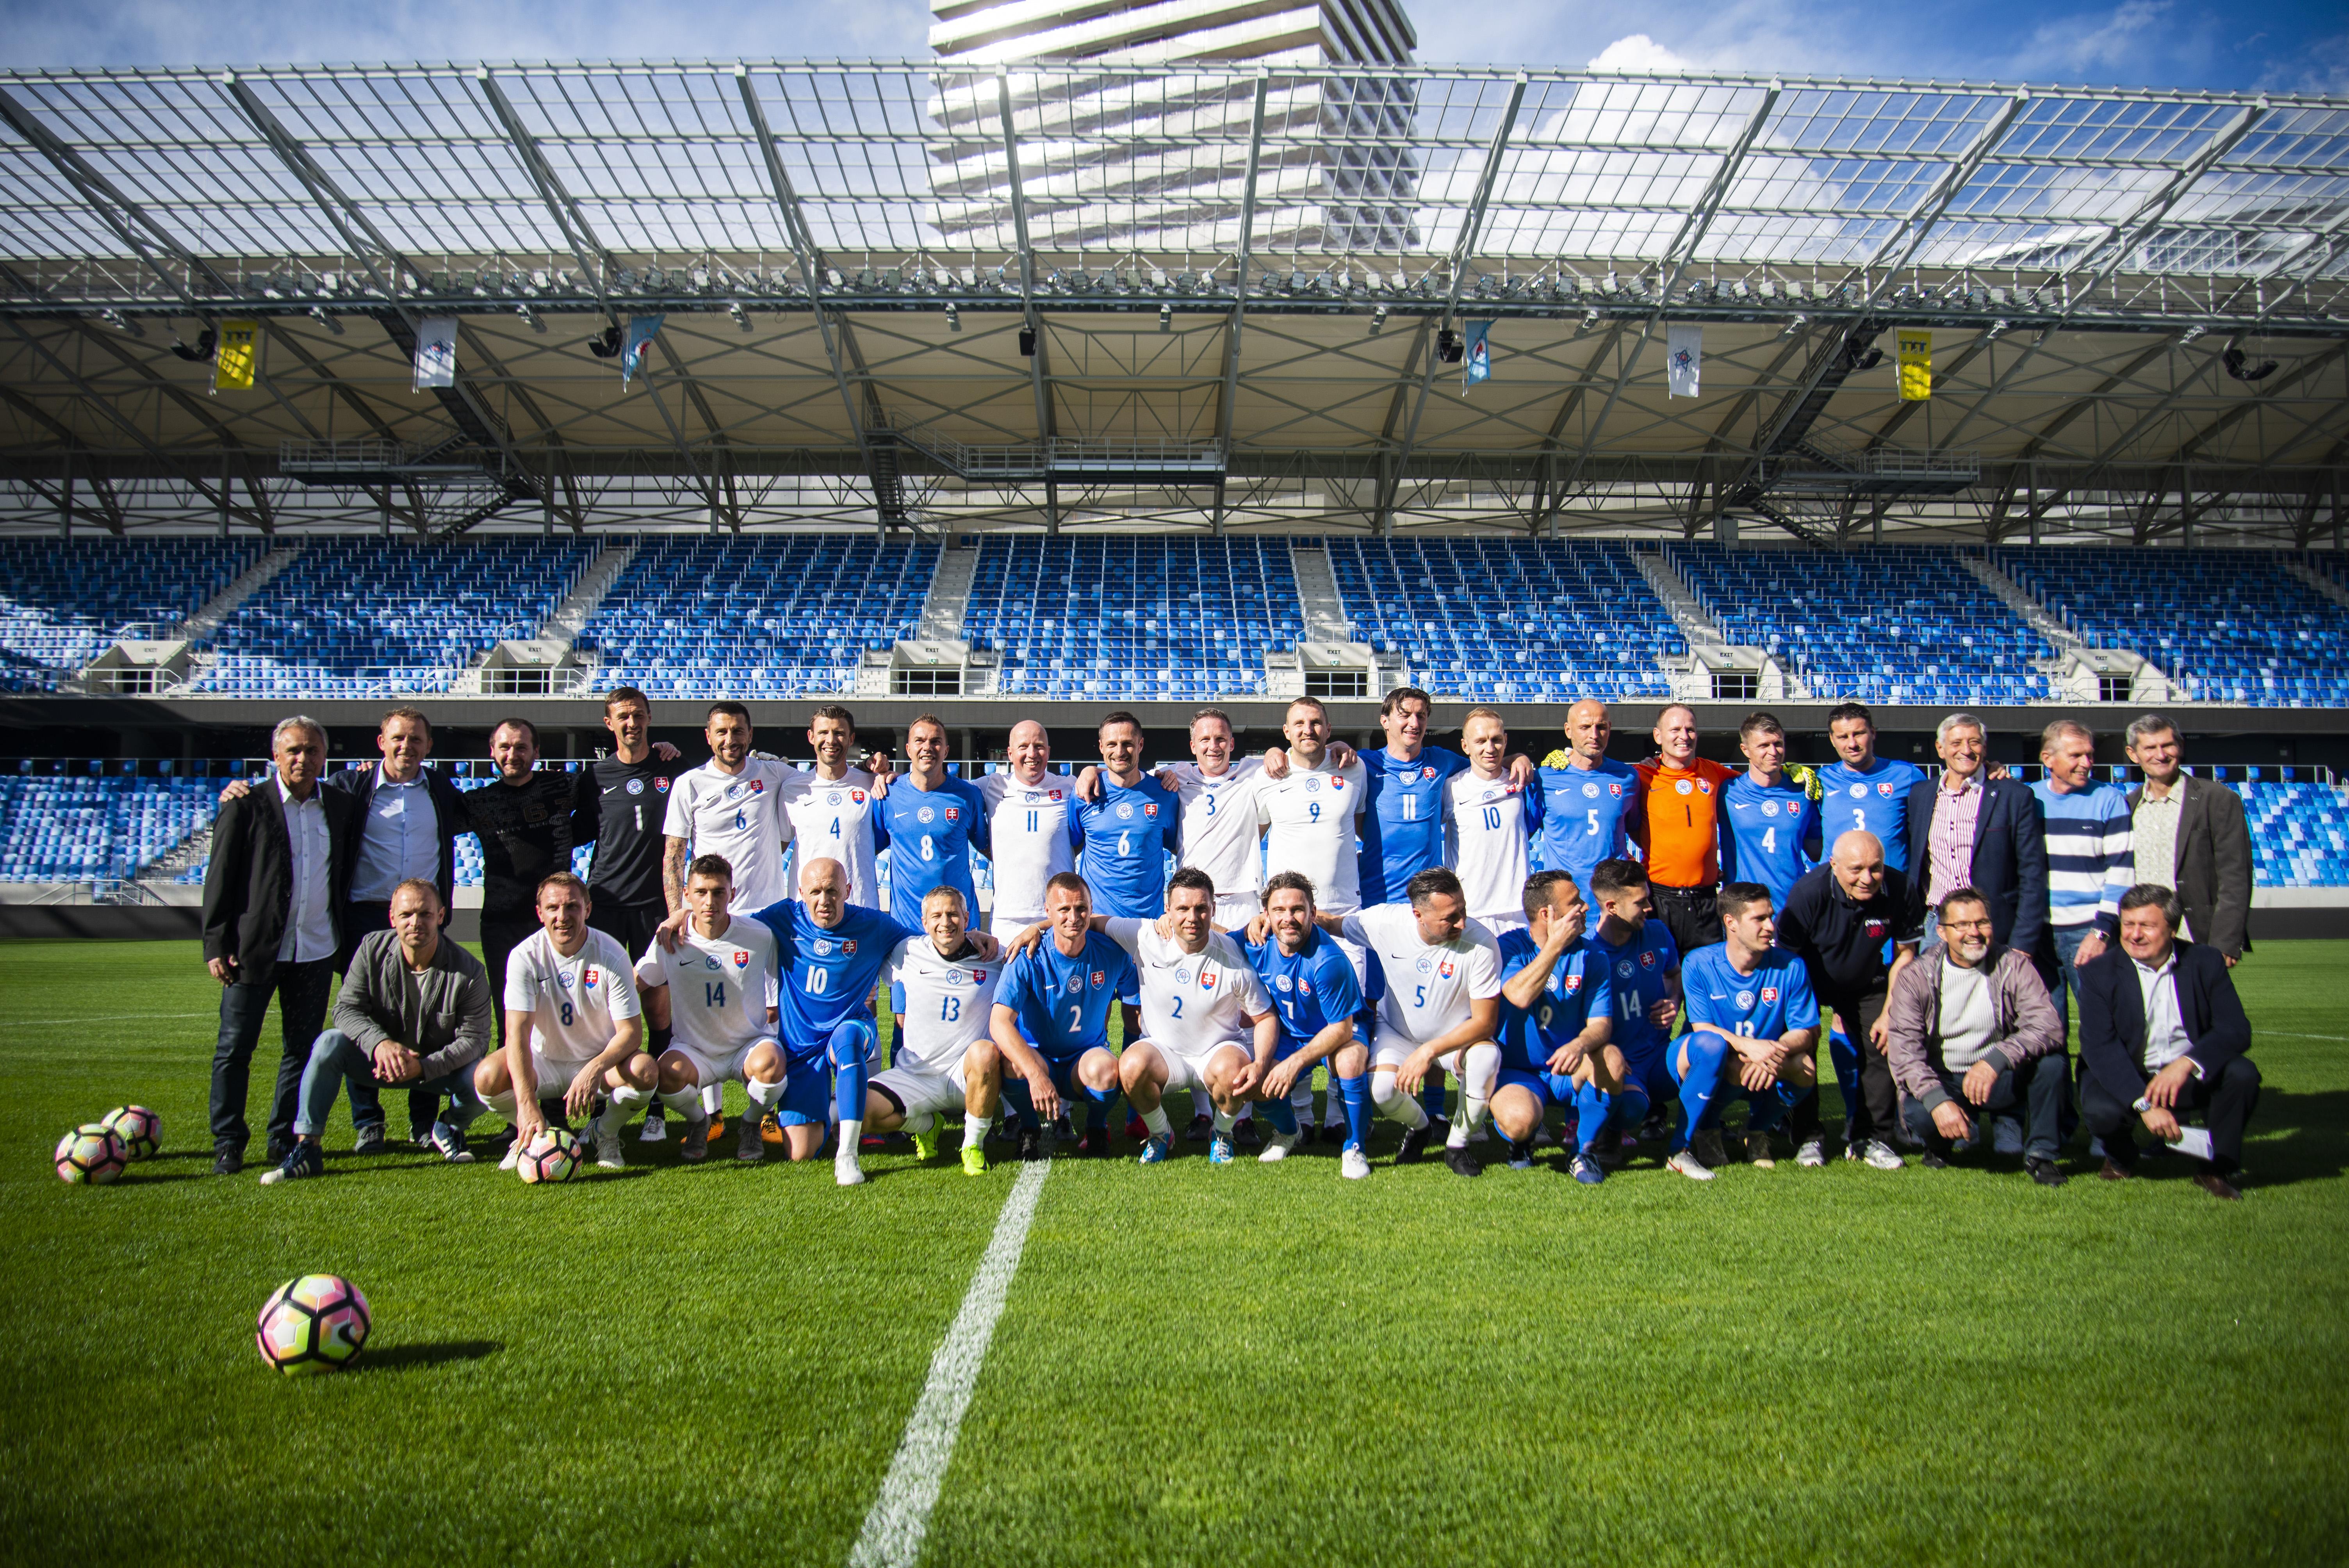 251477a70 V pondelok podvečer sa na bratislavskom Tehelnom uskutočnila milá slávnosť.  V exhibičnom stretnutí si zahrali niekdajší slovenskí futbaloví  reprezentanti do ...